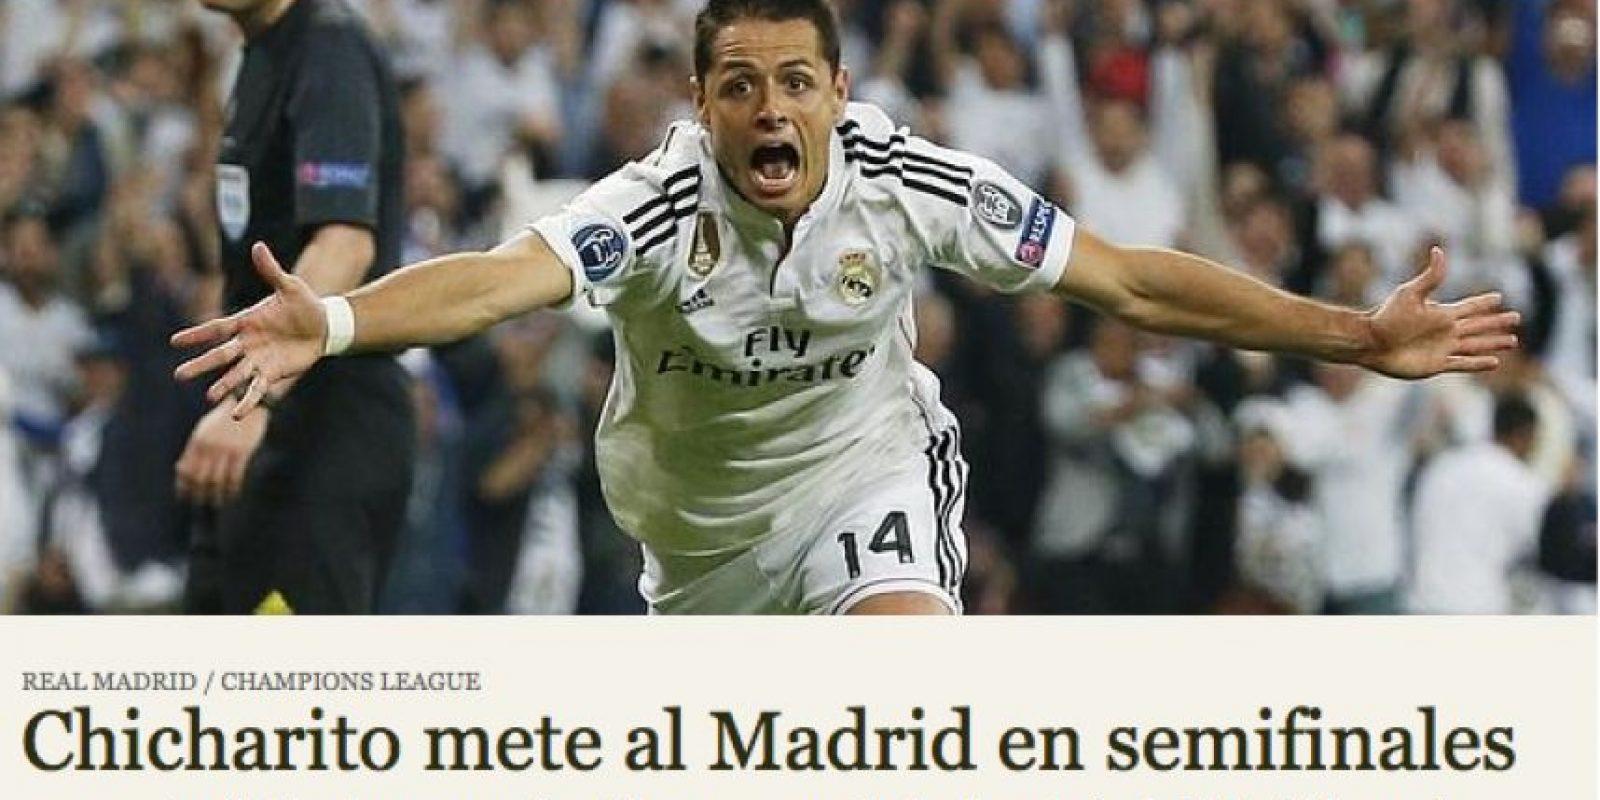 """""""ABC"""" destacó que fue el mexicano quien metió a Real Madrid a semifinales de Champions League. Foto:abc.es"""